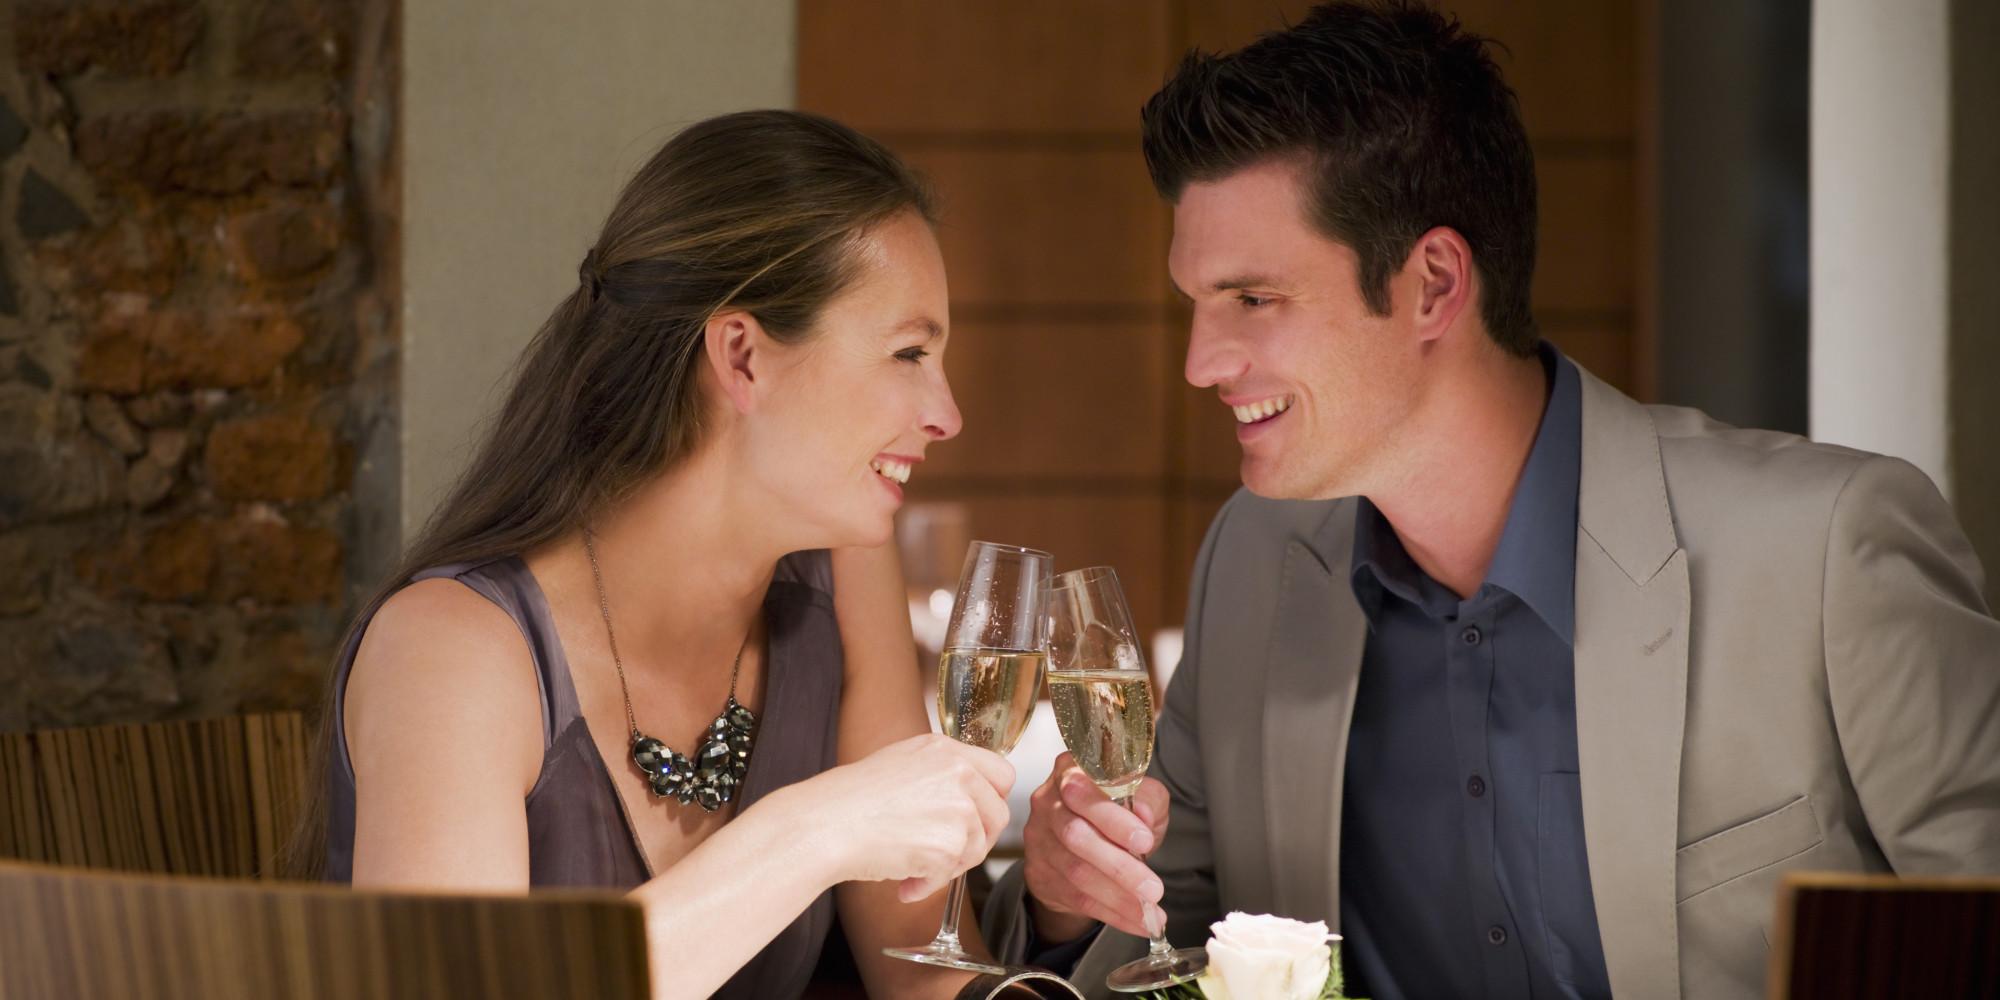 verbos no passado simples imagem de um casal brindando em um encontro